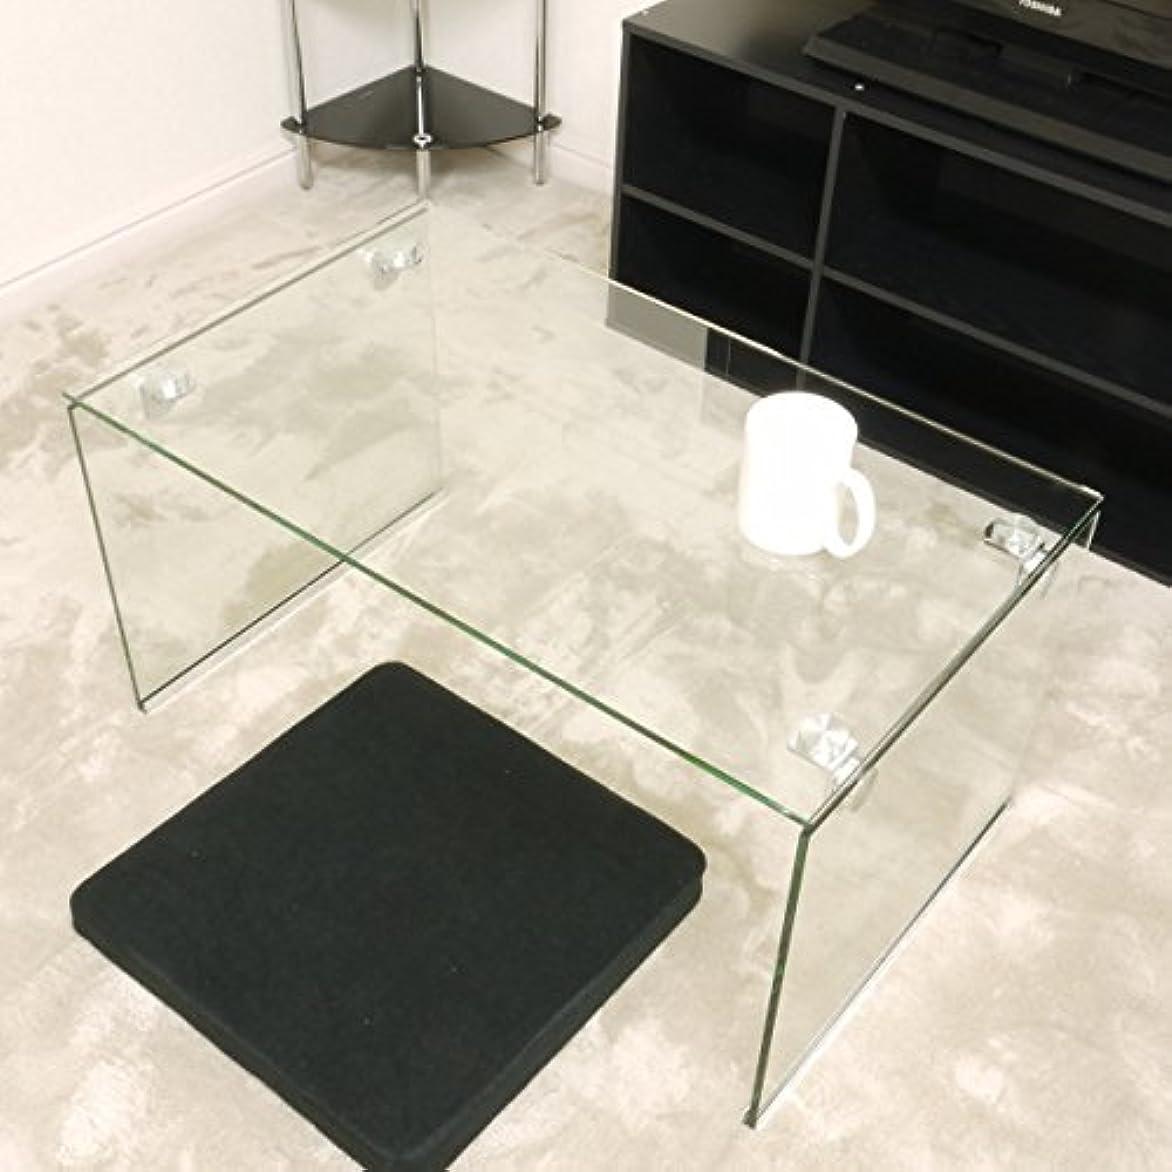 投票提案賄賂ガラステーブル クリア(透明) 75cm幅 ローテーブル センターテーブル コーヒーテーブル ガラス クリア テーブル 透明 高級感 カフェテーブル おしゃれ かわいい